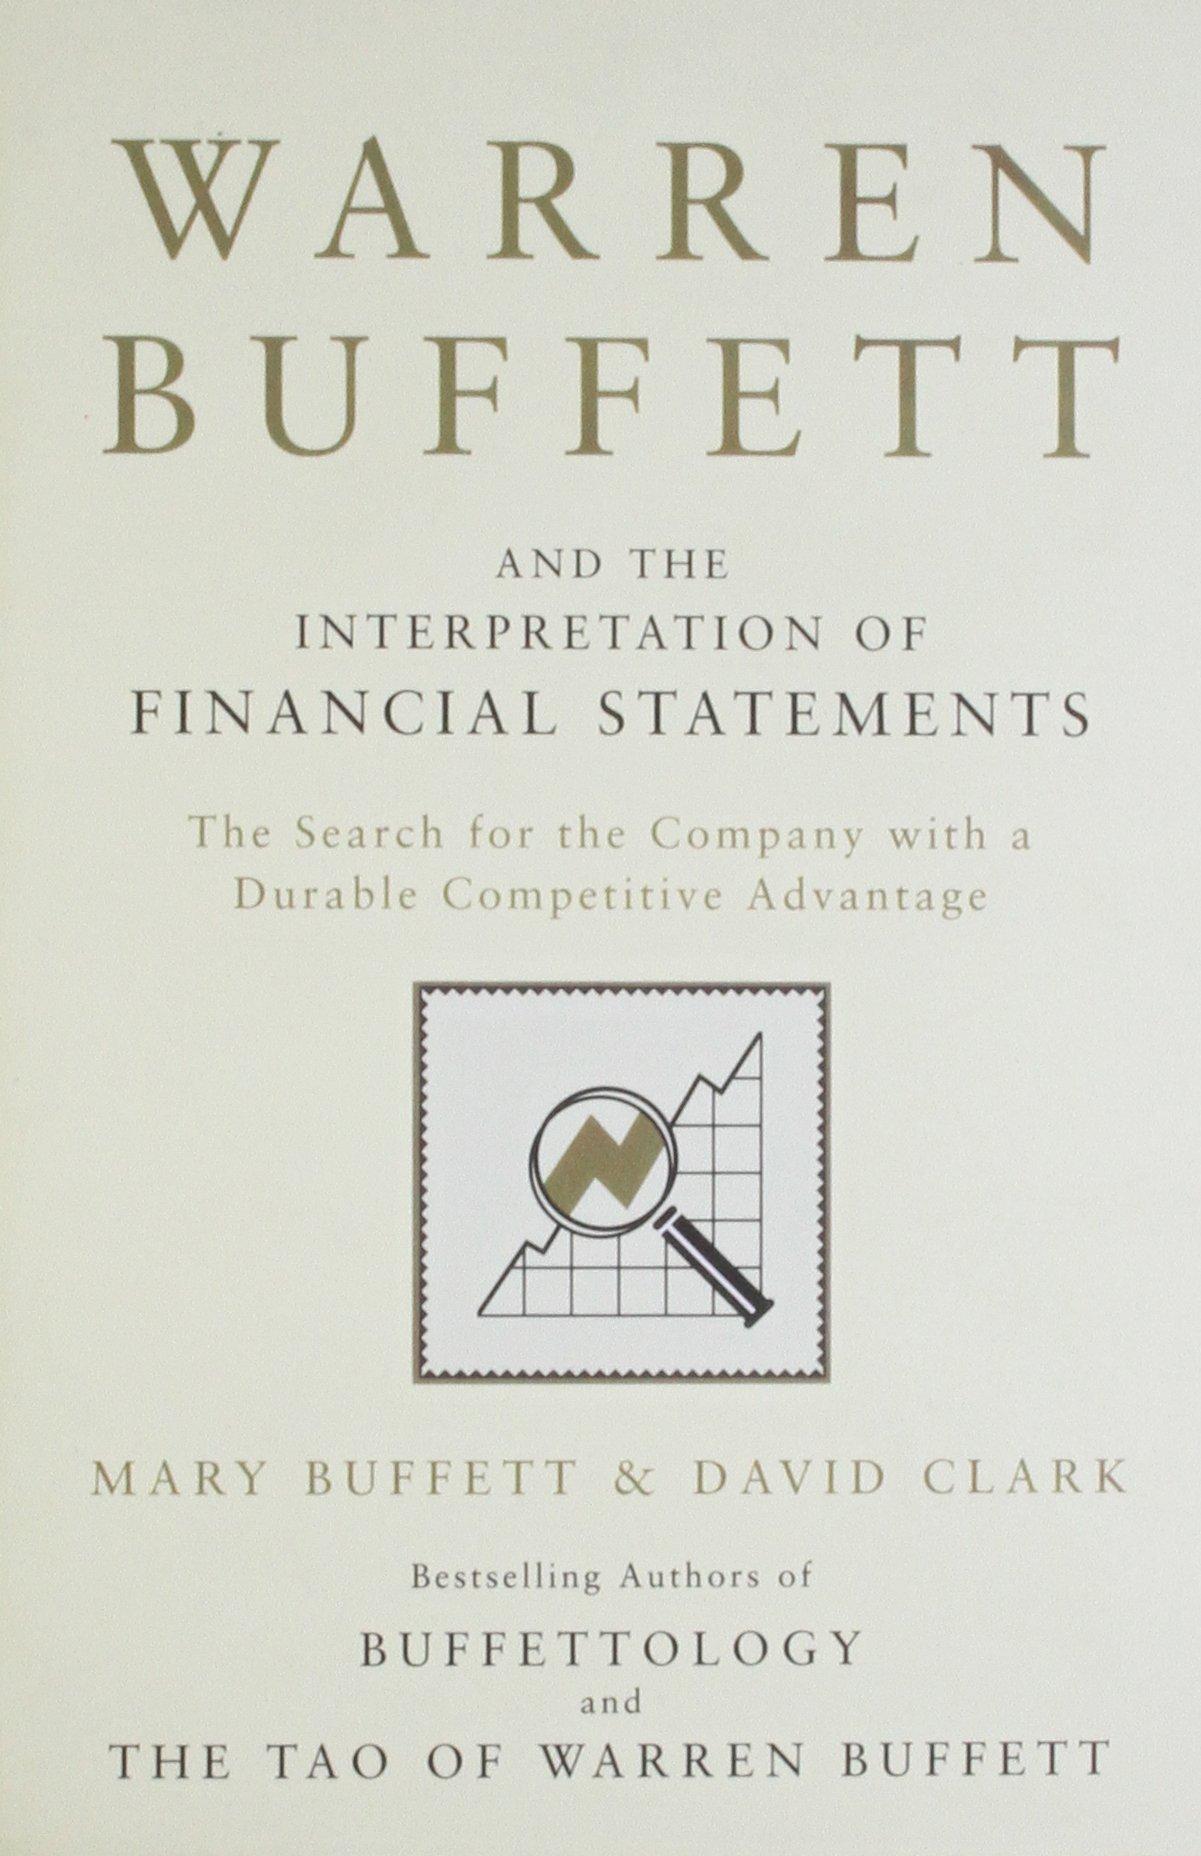 Buffettology técnicas previamente inexplicables que han hecho María Warren Buffett The Worlds (que han hecho)